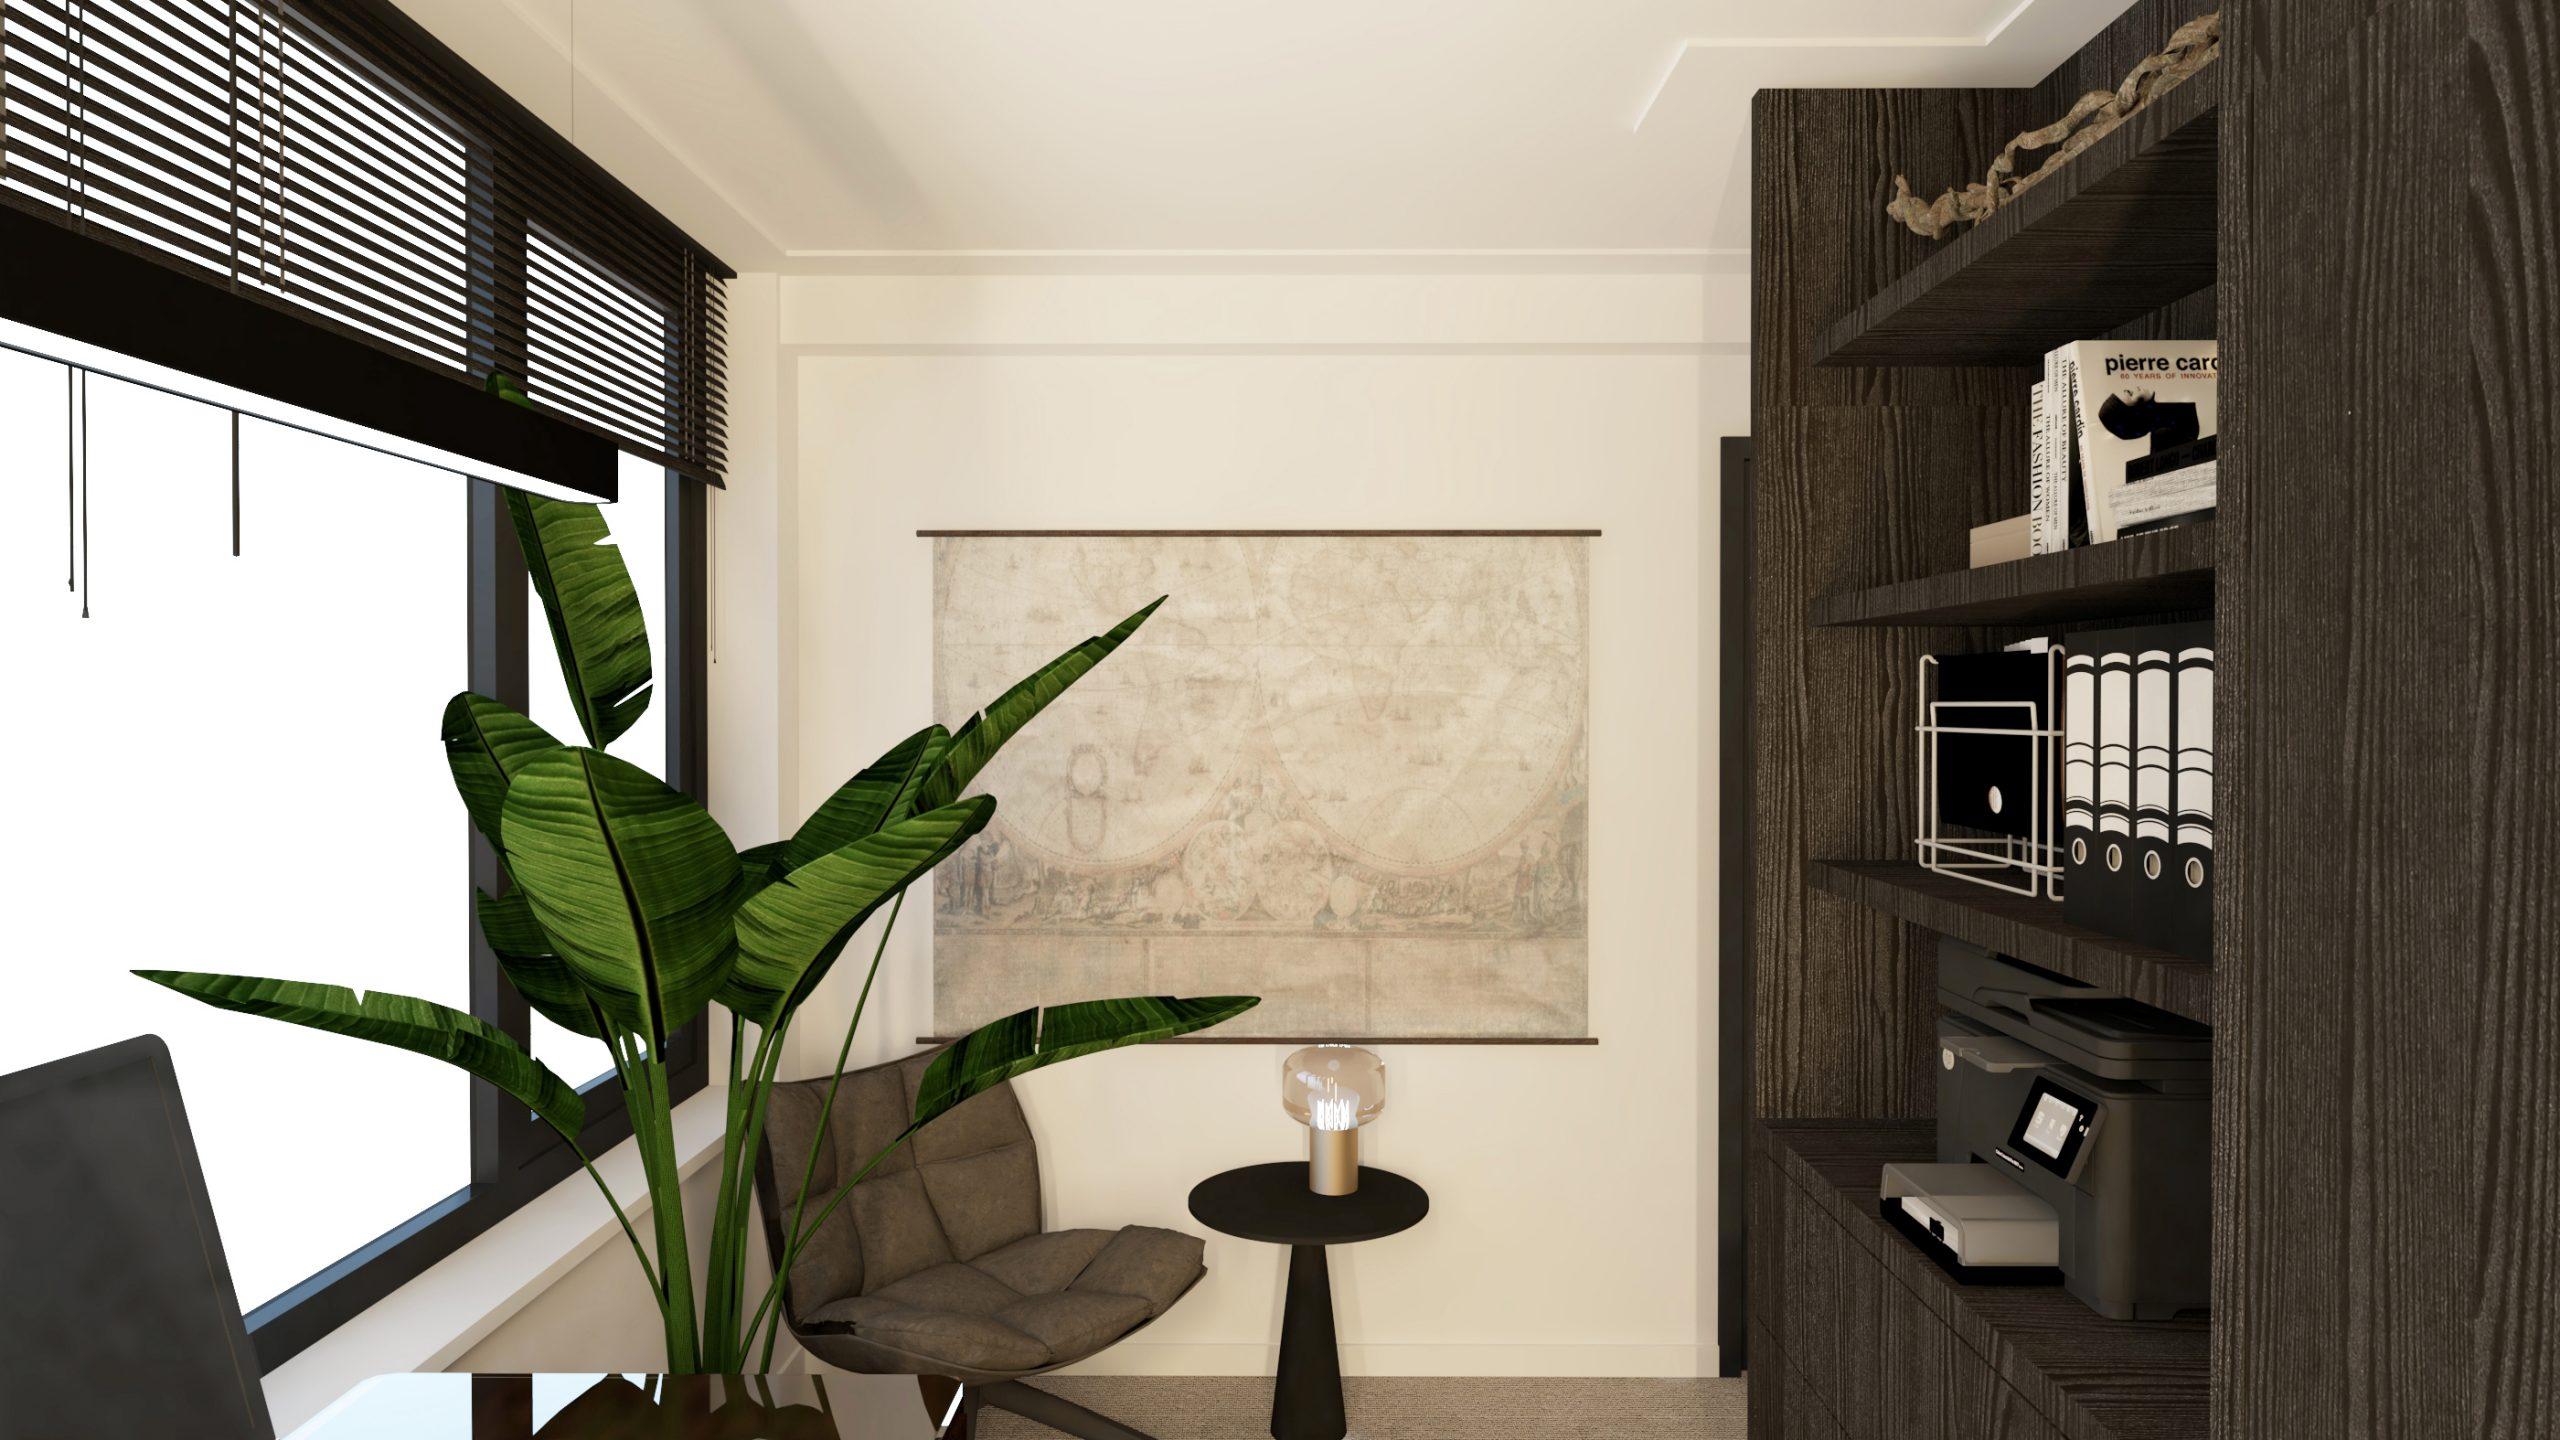 Thuiskantoor interieur ontwerp